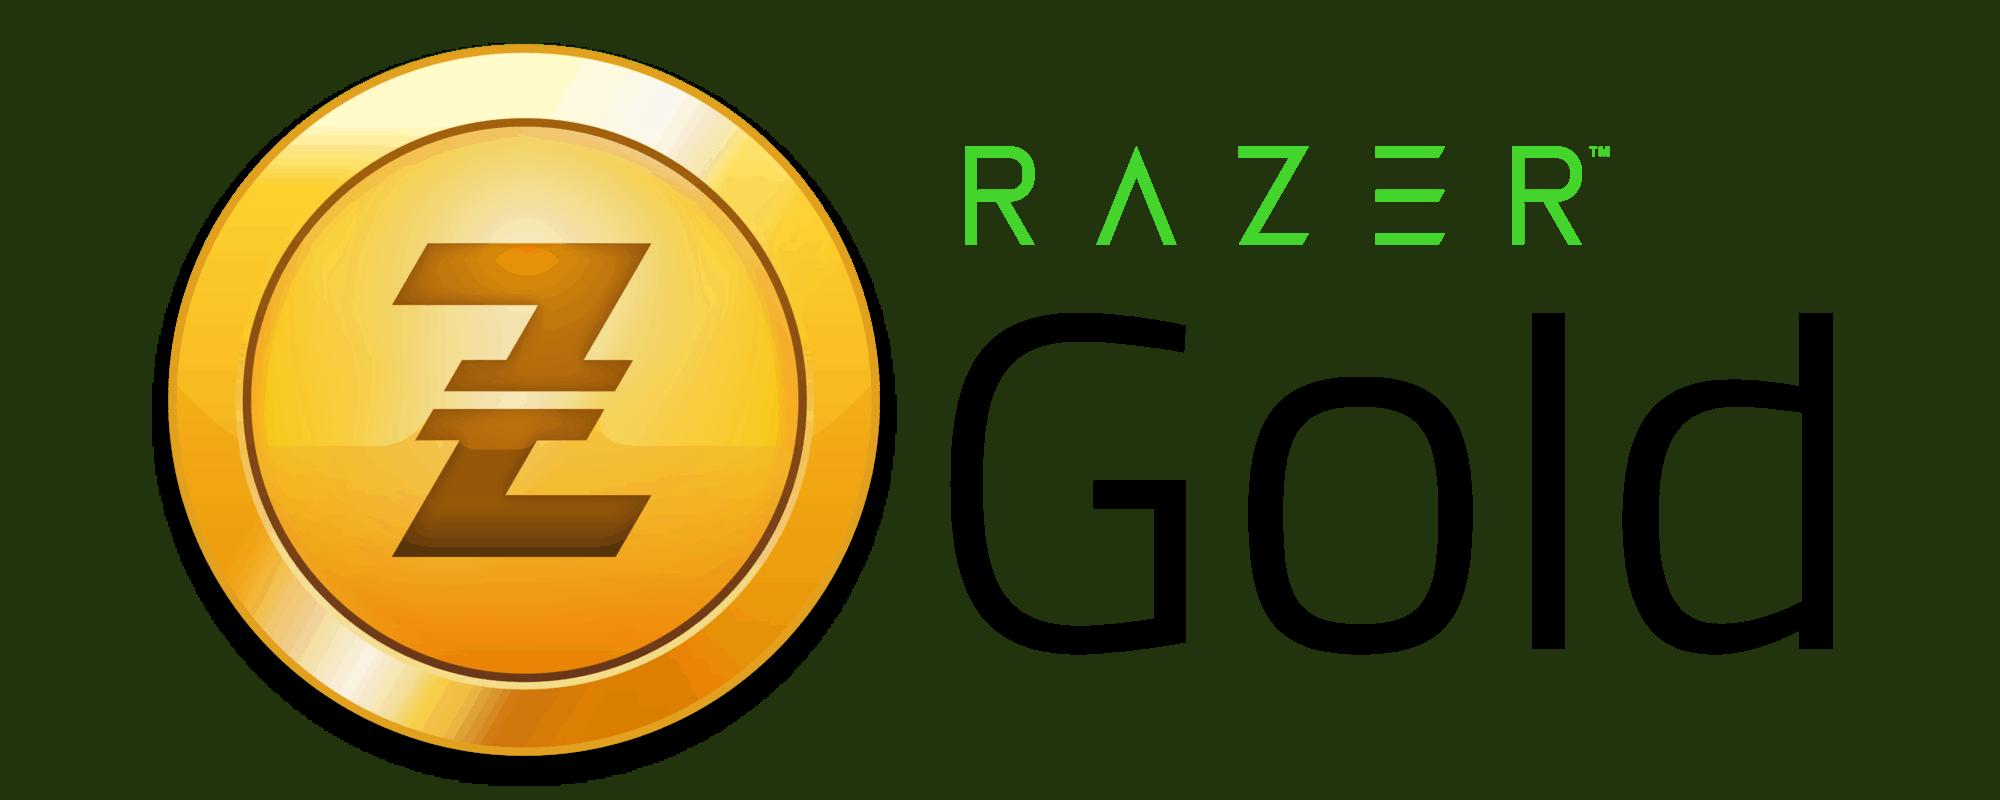 Join Razer Gold